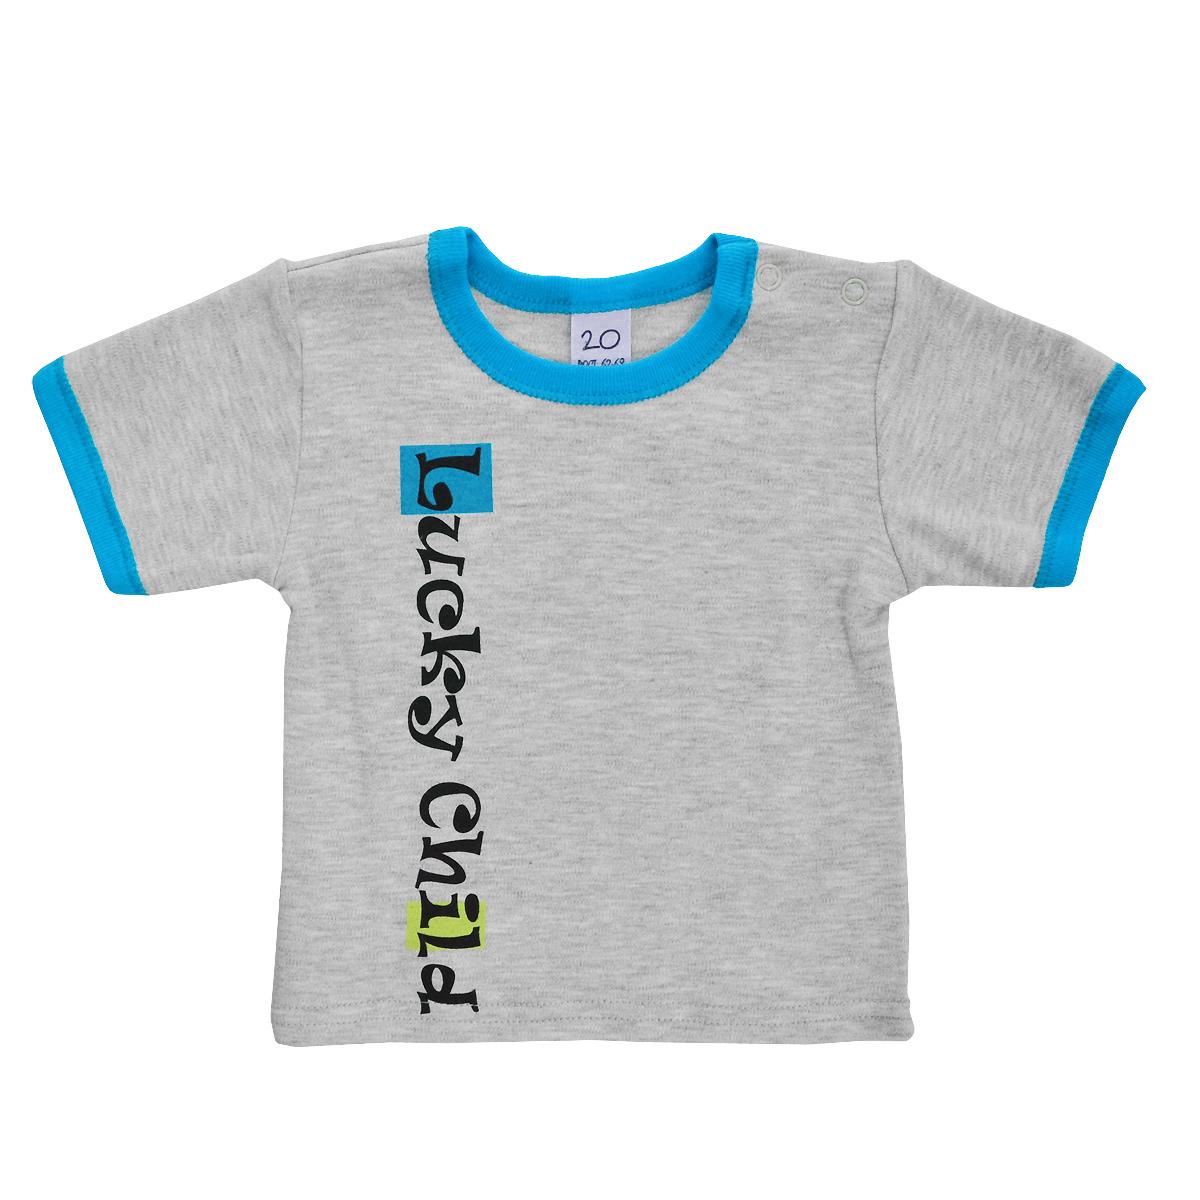 Футболка детская Lucky Child, цвет: серый, голубой. 1-26М. Размер 98/1041-26МкДетская футболка Lucky Child Спорт идеально подойдет вашему ребенку и станет прекрасным дополнением к его гардеробу. Изготовленная из натурального хлопка, она мягкая и приятная на ощупь, не сковывает движения и позволяет коже дышать, не раздражает даже самую нежную и чувствительную кожу ребенка, обеспечивая наибольший комфорт. Футболка с круглым вырезом горловины и короткими рукавами застегивается на кнопки по плечевому шву, что позволяет легко переодеть кроху. Низ рукавов и вырез горловины дополнены трикотажными резинками контрастного цвета. Модель оформлена принтовой надписью.В такой футболке ваш ребенок будет чувствовать себя уютно и комфортно, и всегда будет в центре внимания!